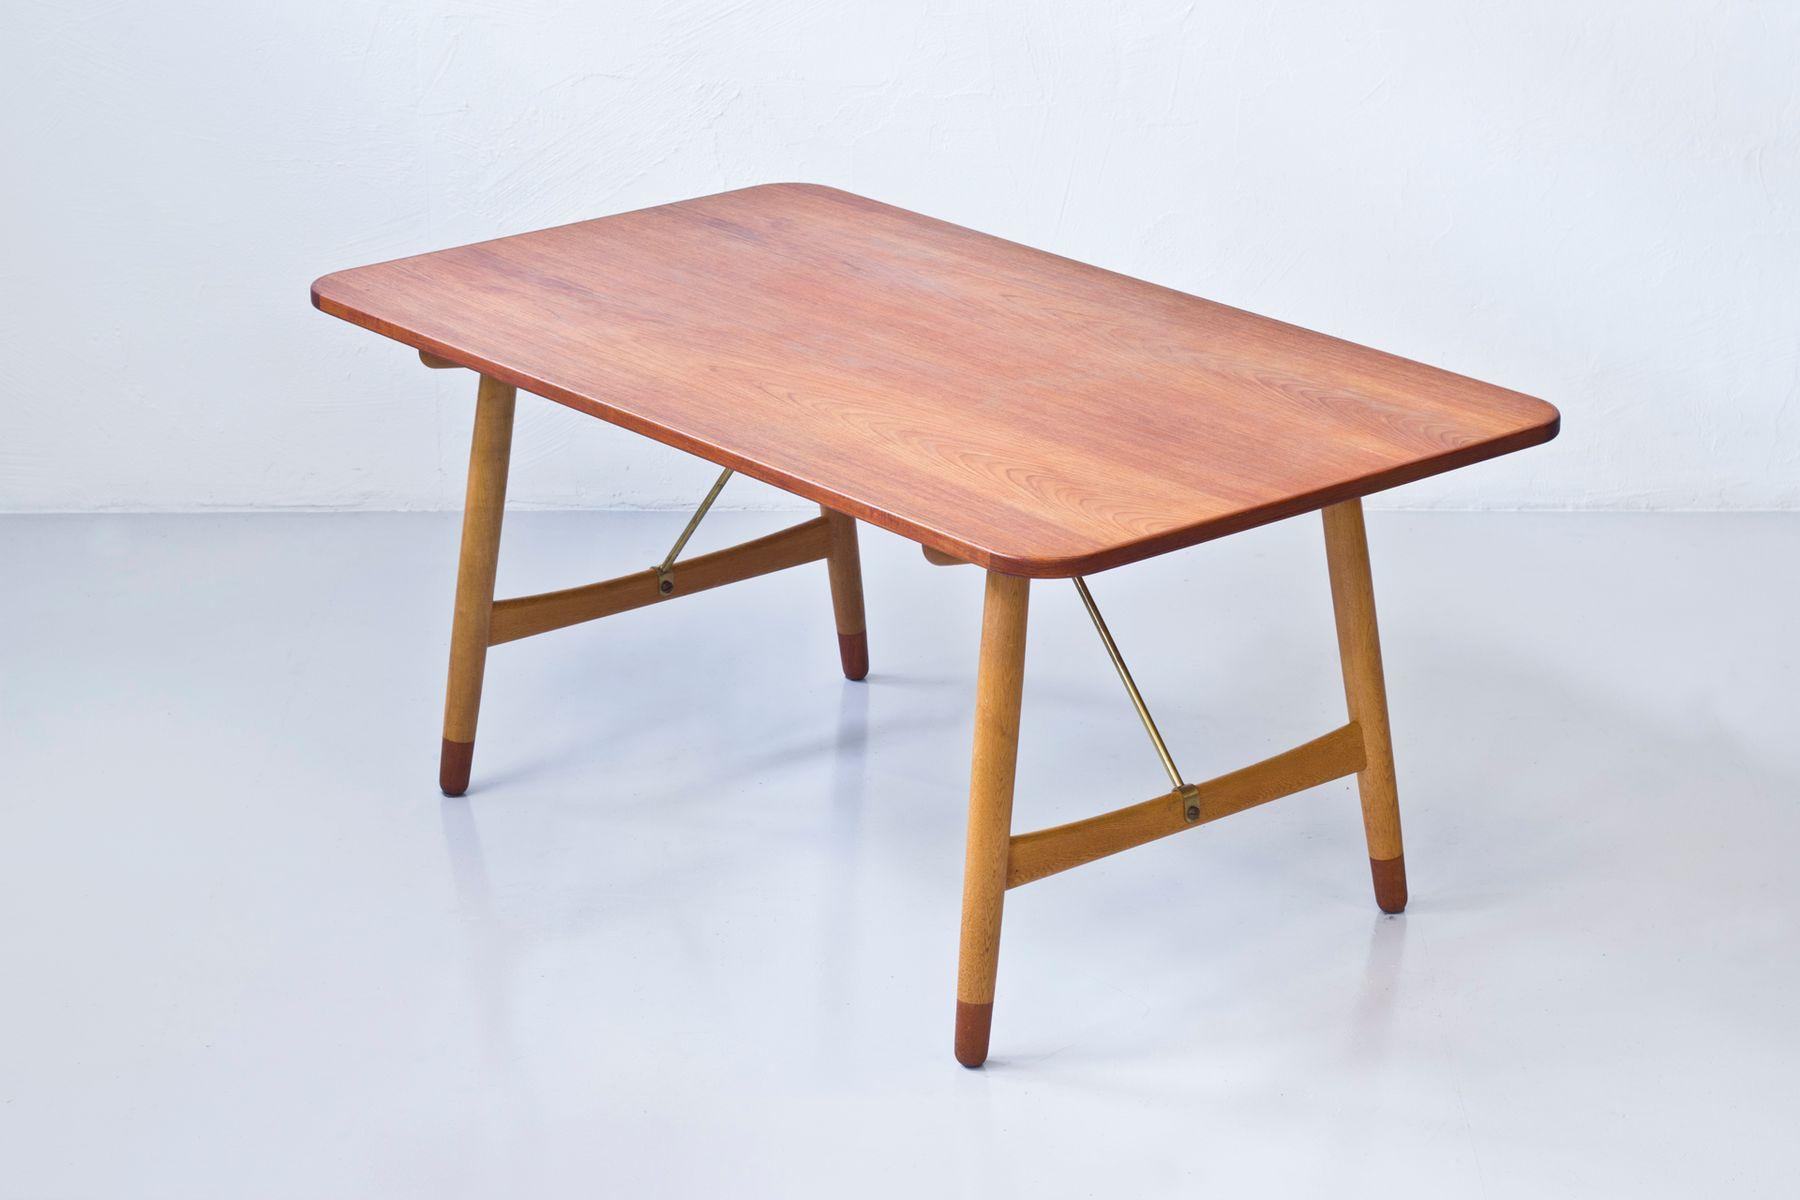 Hunt Table by B¸rge Mogensen for S¸borg M¸belfabrik 1950s for